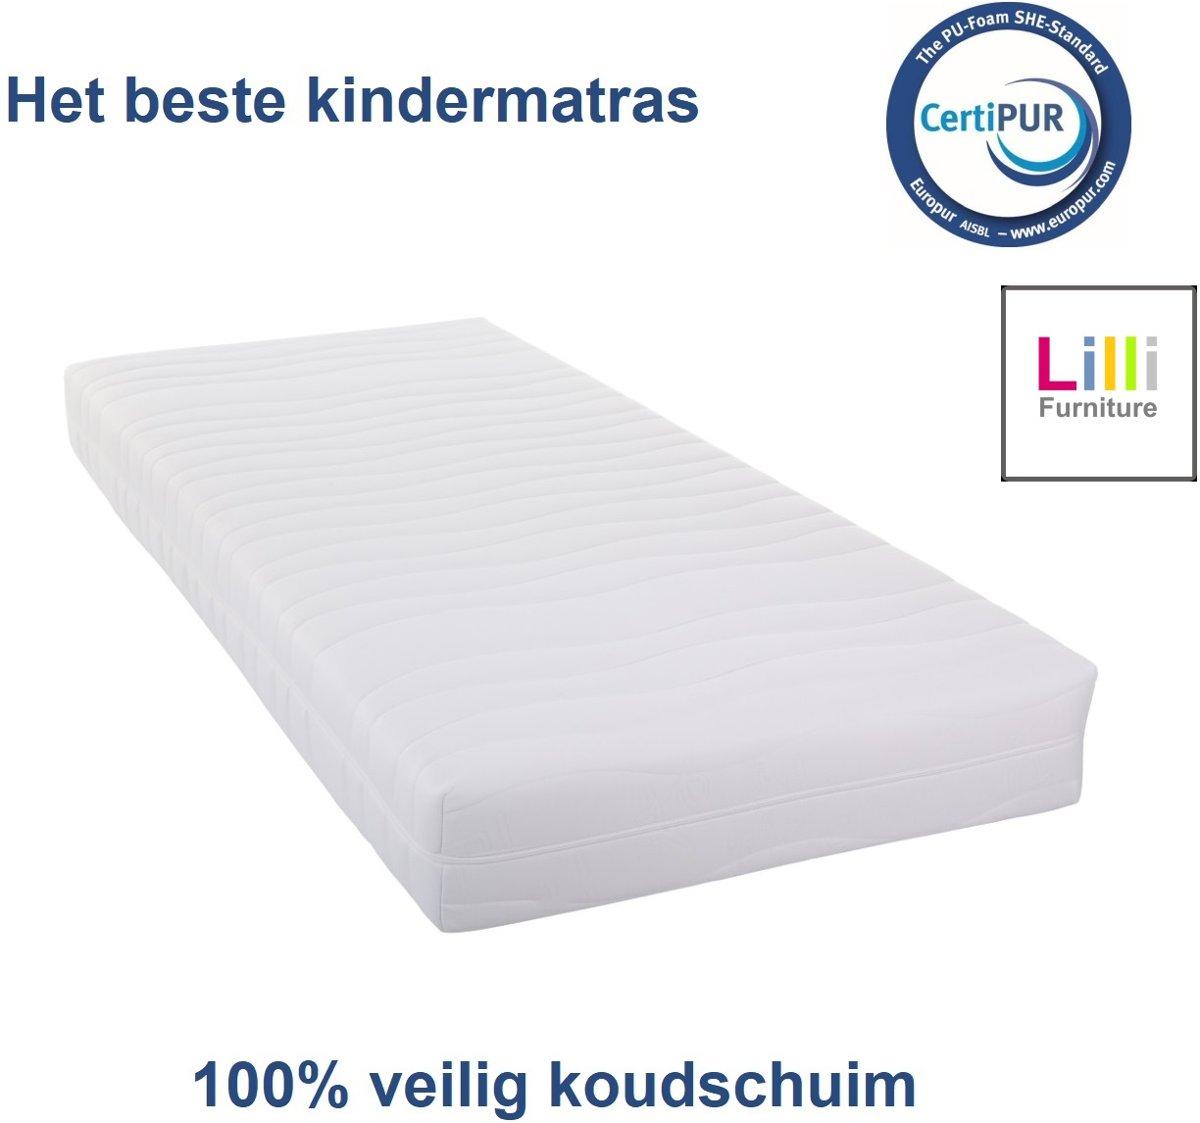 Koudschuim kindermatras 90x190cm - 100 nachten proefslapen - 100% veilig